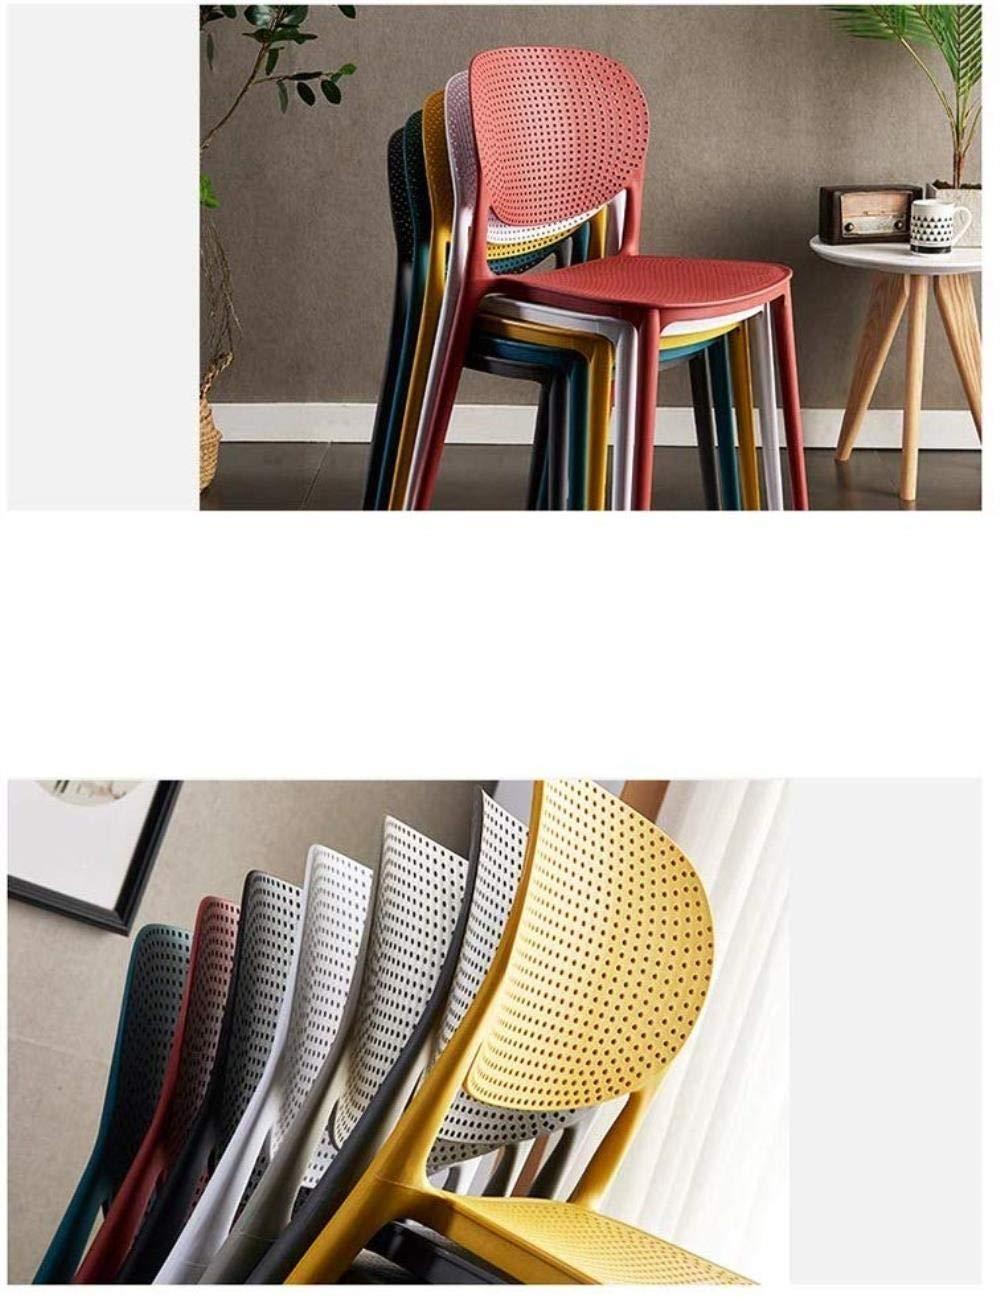 THBEIBEI Modern design matstol datorstolar kontor andningsbar ryggstöd lämplig för sommar plast sits vikt 120 kg för kontorslounge (färg: vit) gUL